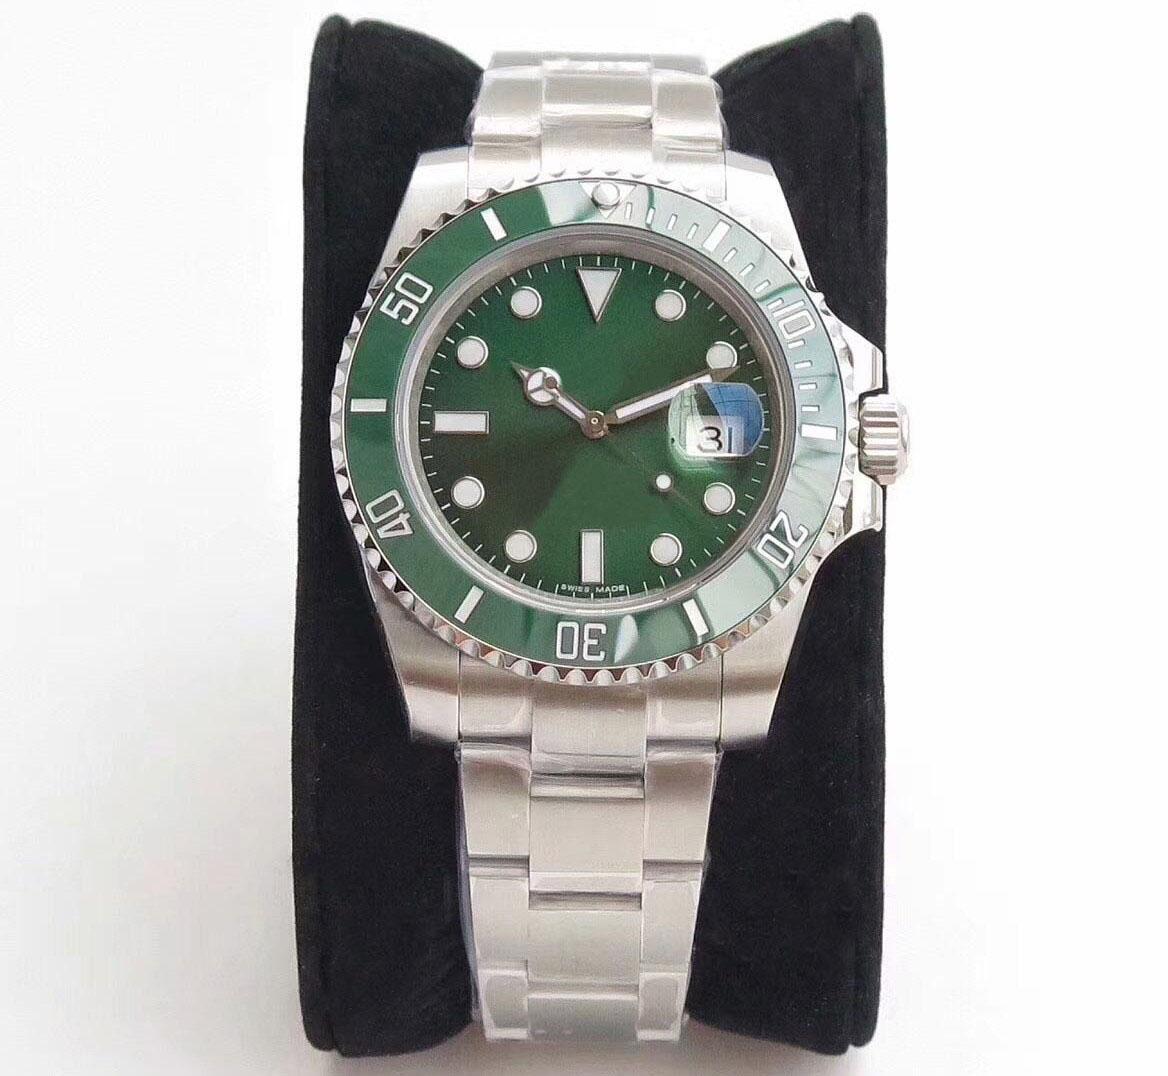 мужские часы сапфирового стекла 116610 керамическая рама 40 мм 2813 движение автоматические механические часы из нержавеющей стали Водонепроницаемый Световой